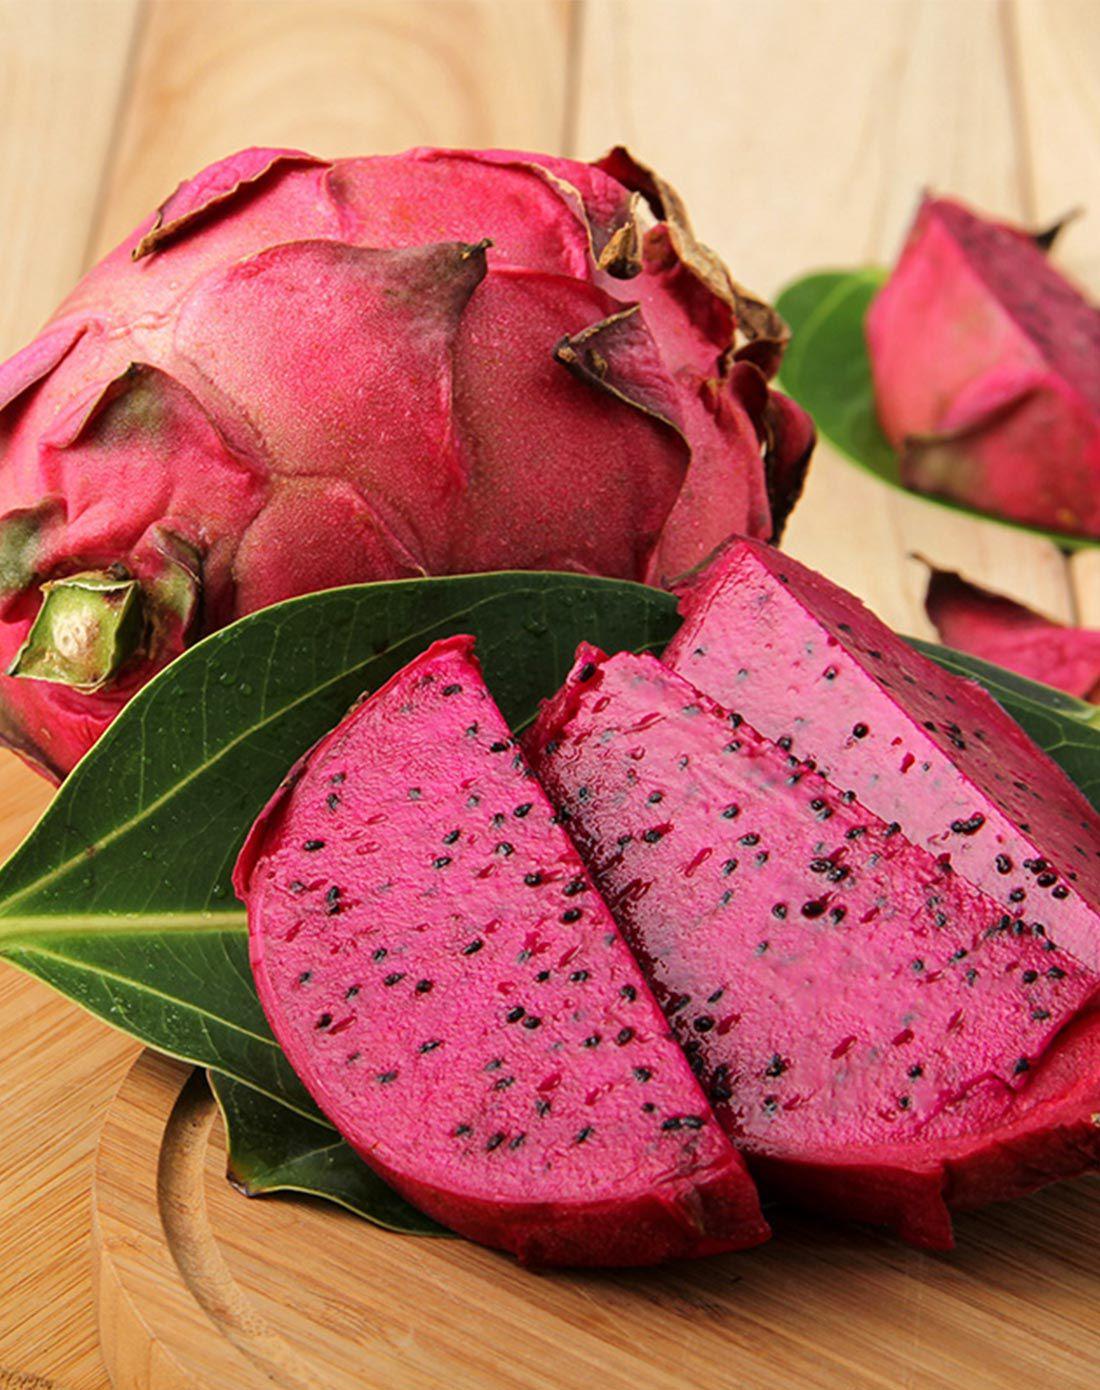 海南北纬18度国产火龙果5斤装 清甜多汁